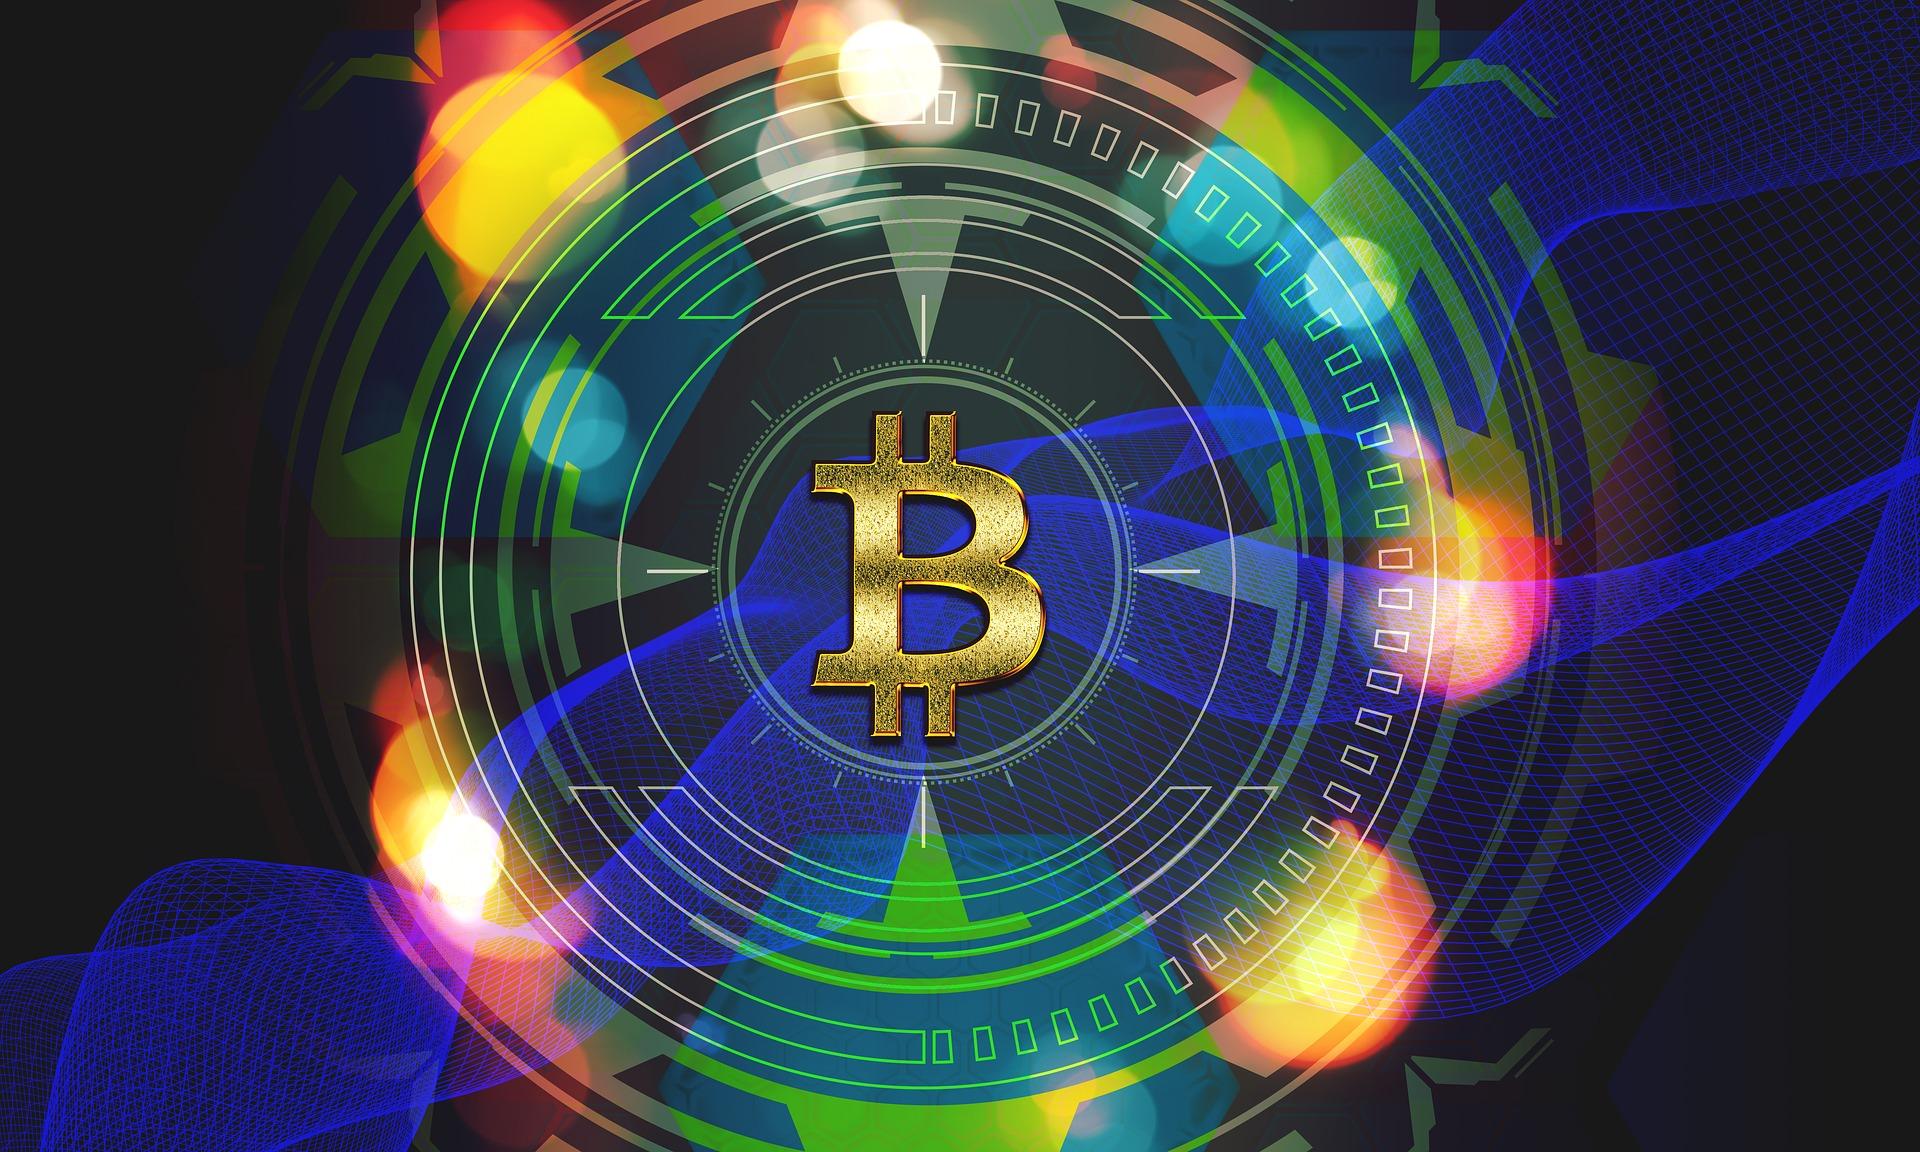 Die Bitcoin Evolution berichtet